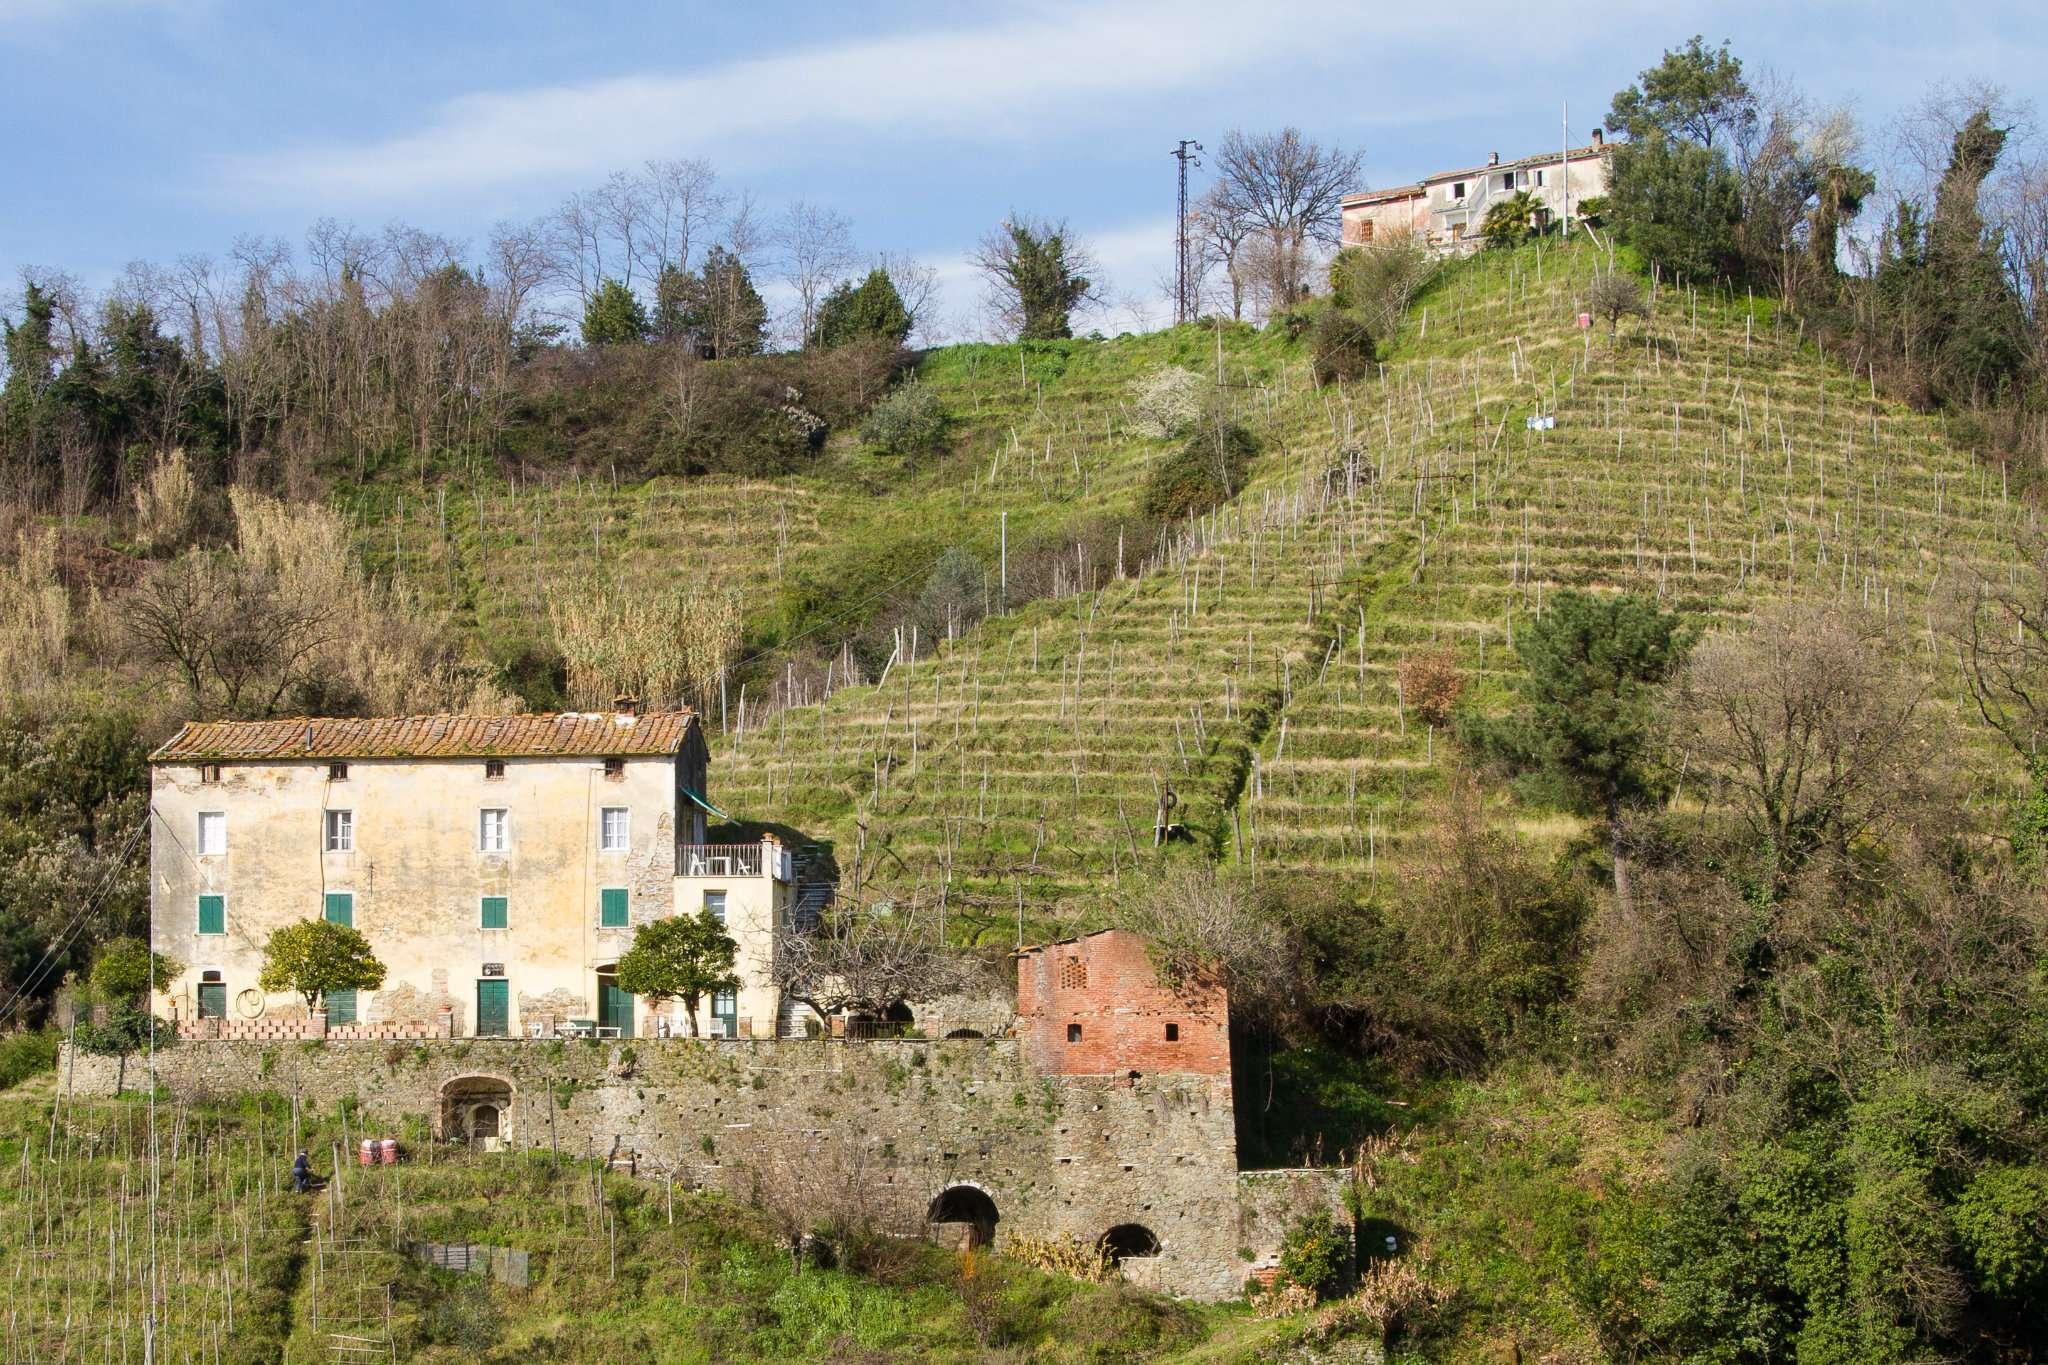 Rustico / Casale in vendita a Carrara, 15 locali, prezzo € 600.000 | Cambio Casa.it